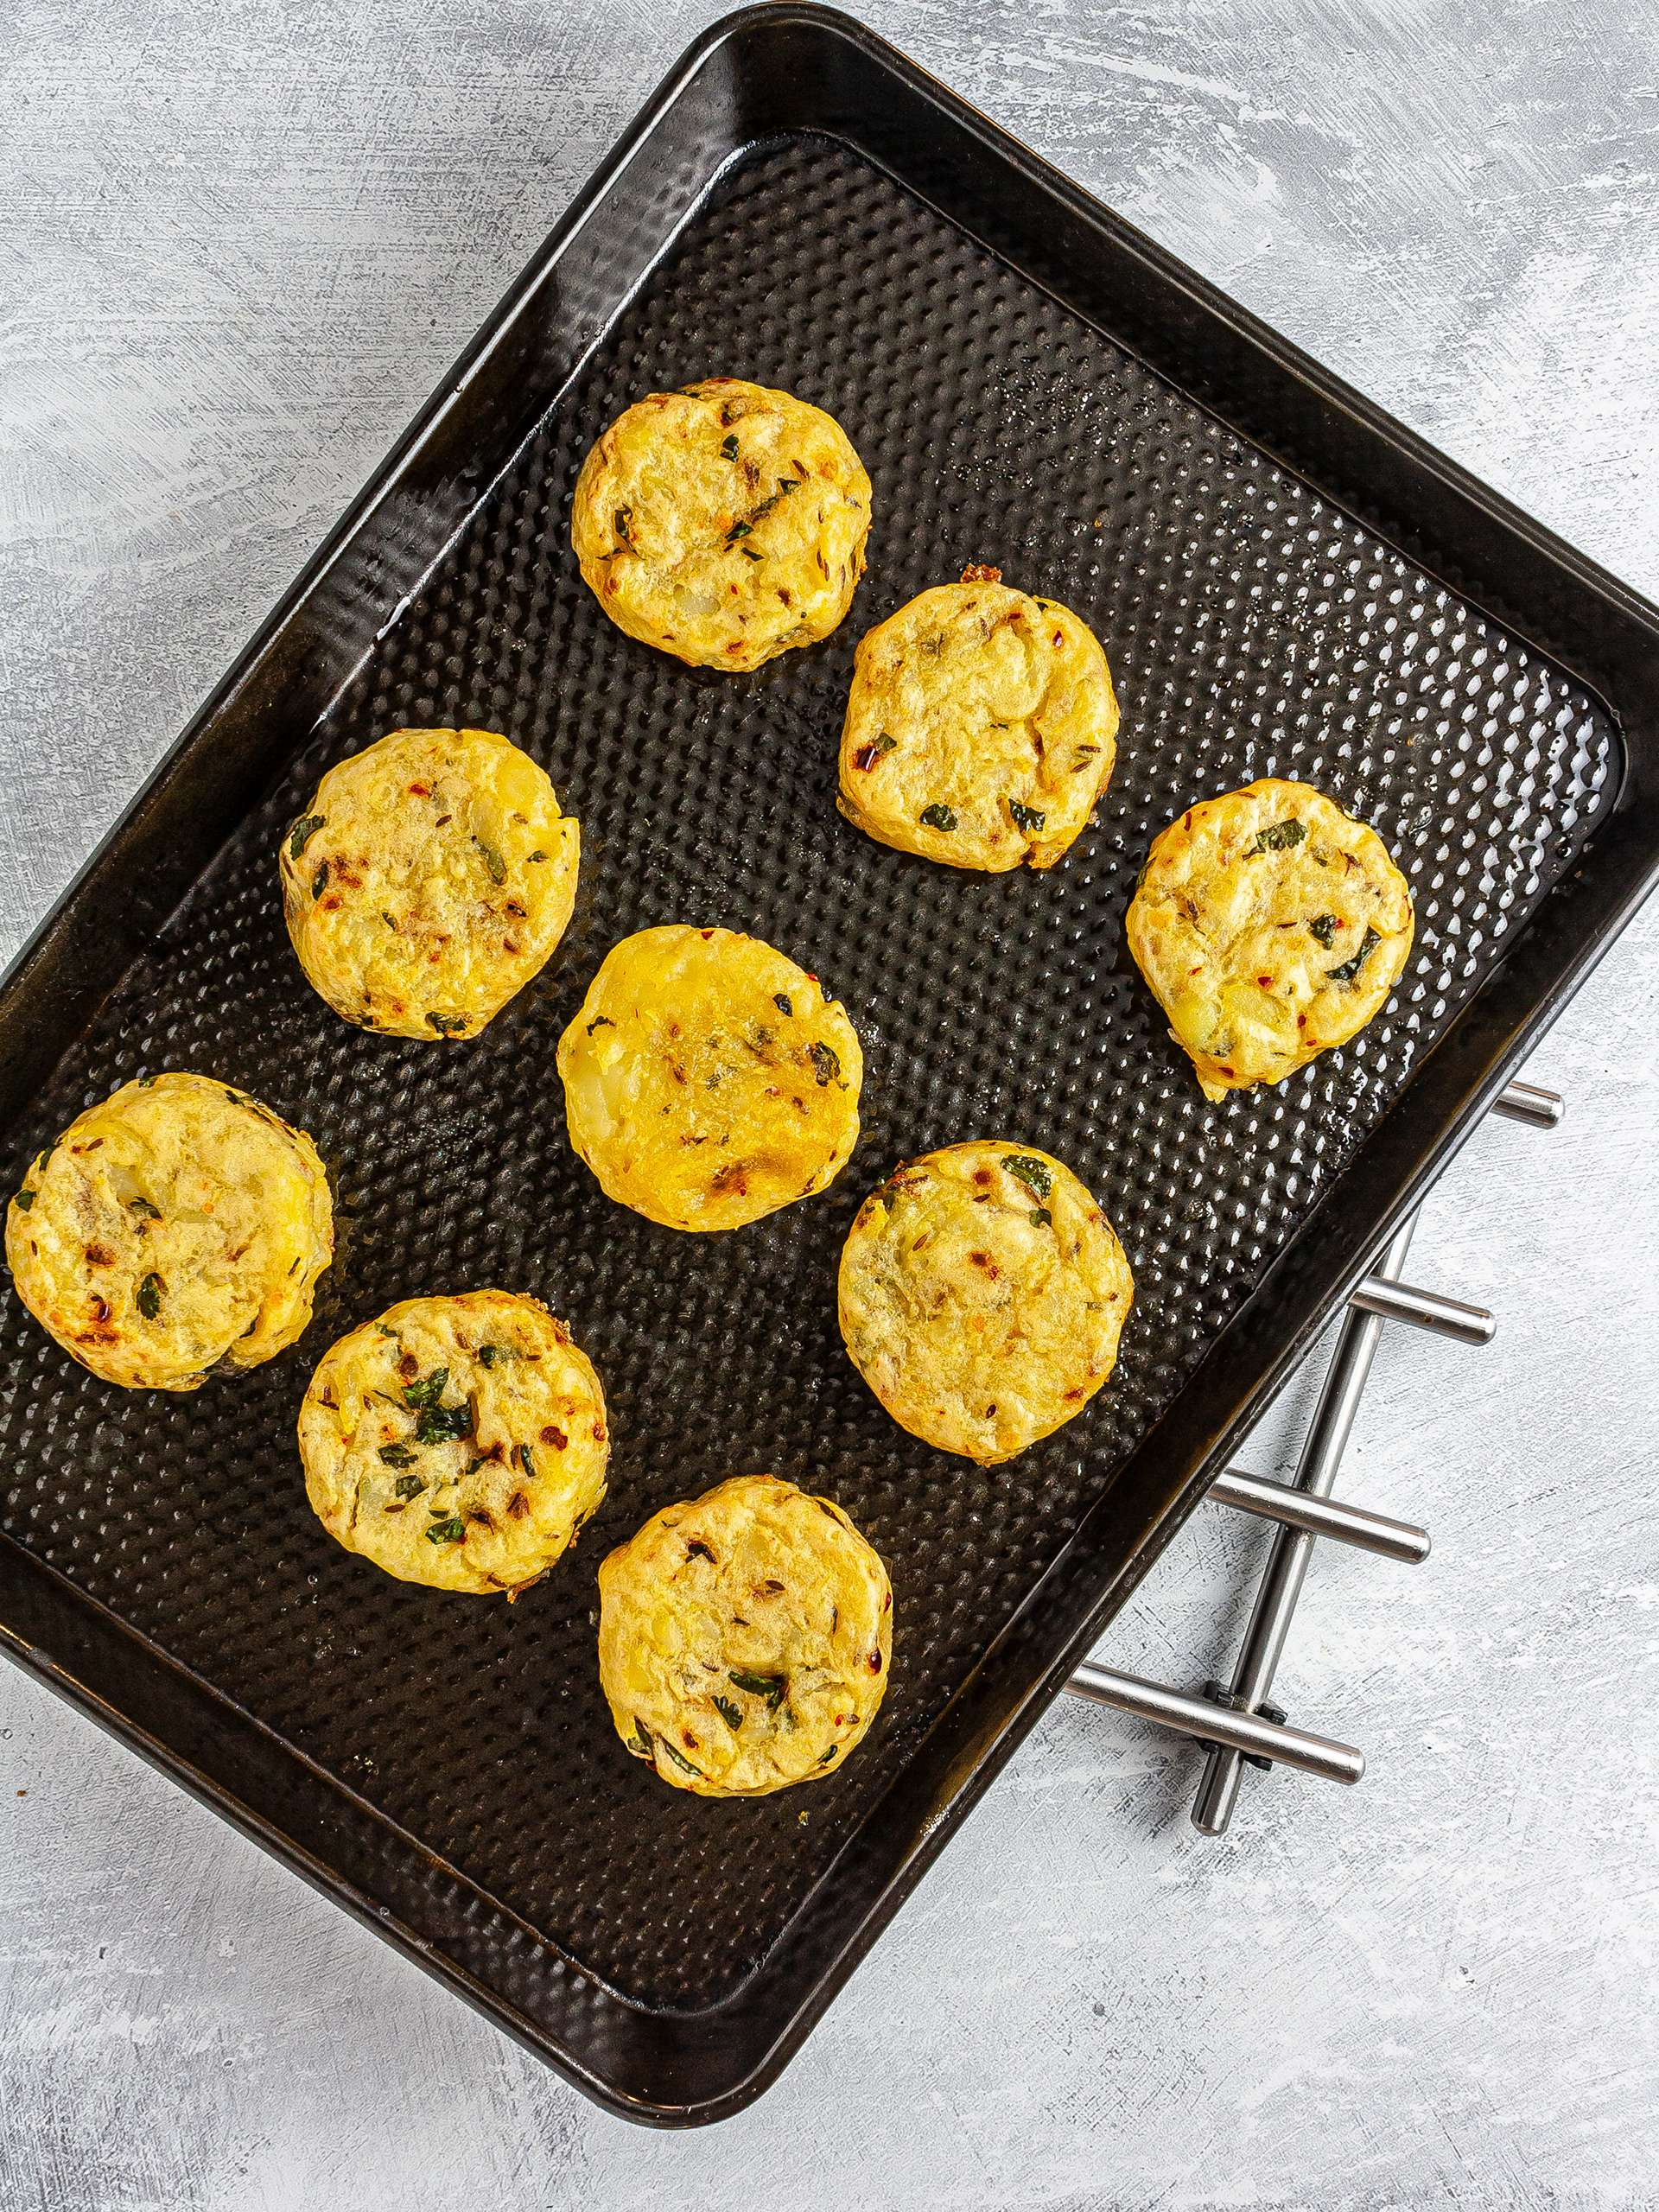 Oven-baked aloo tikki potato fritters